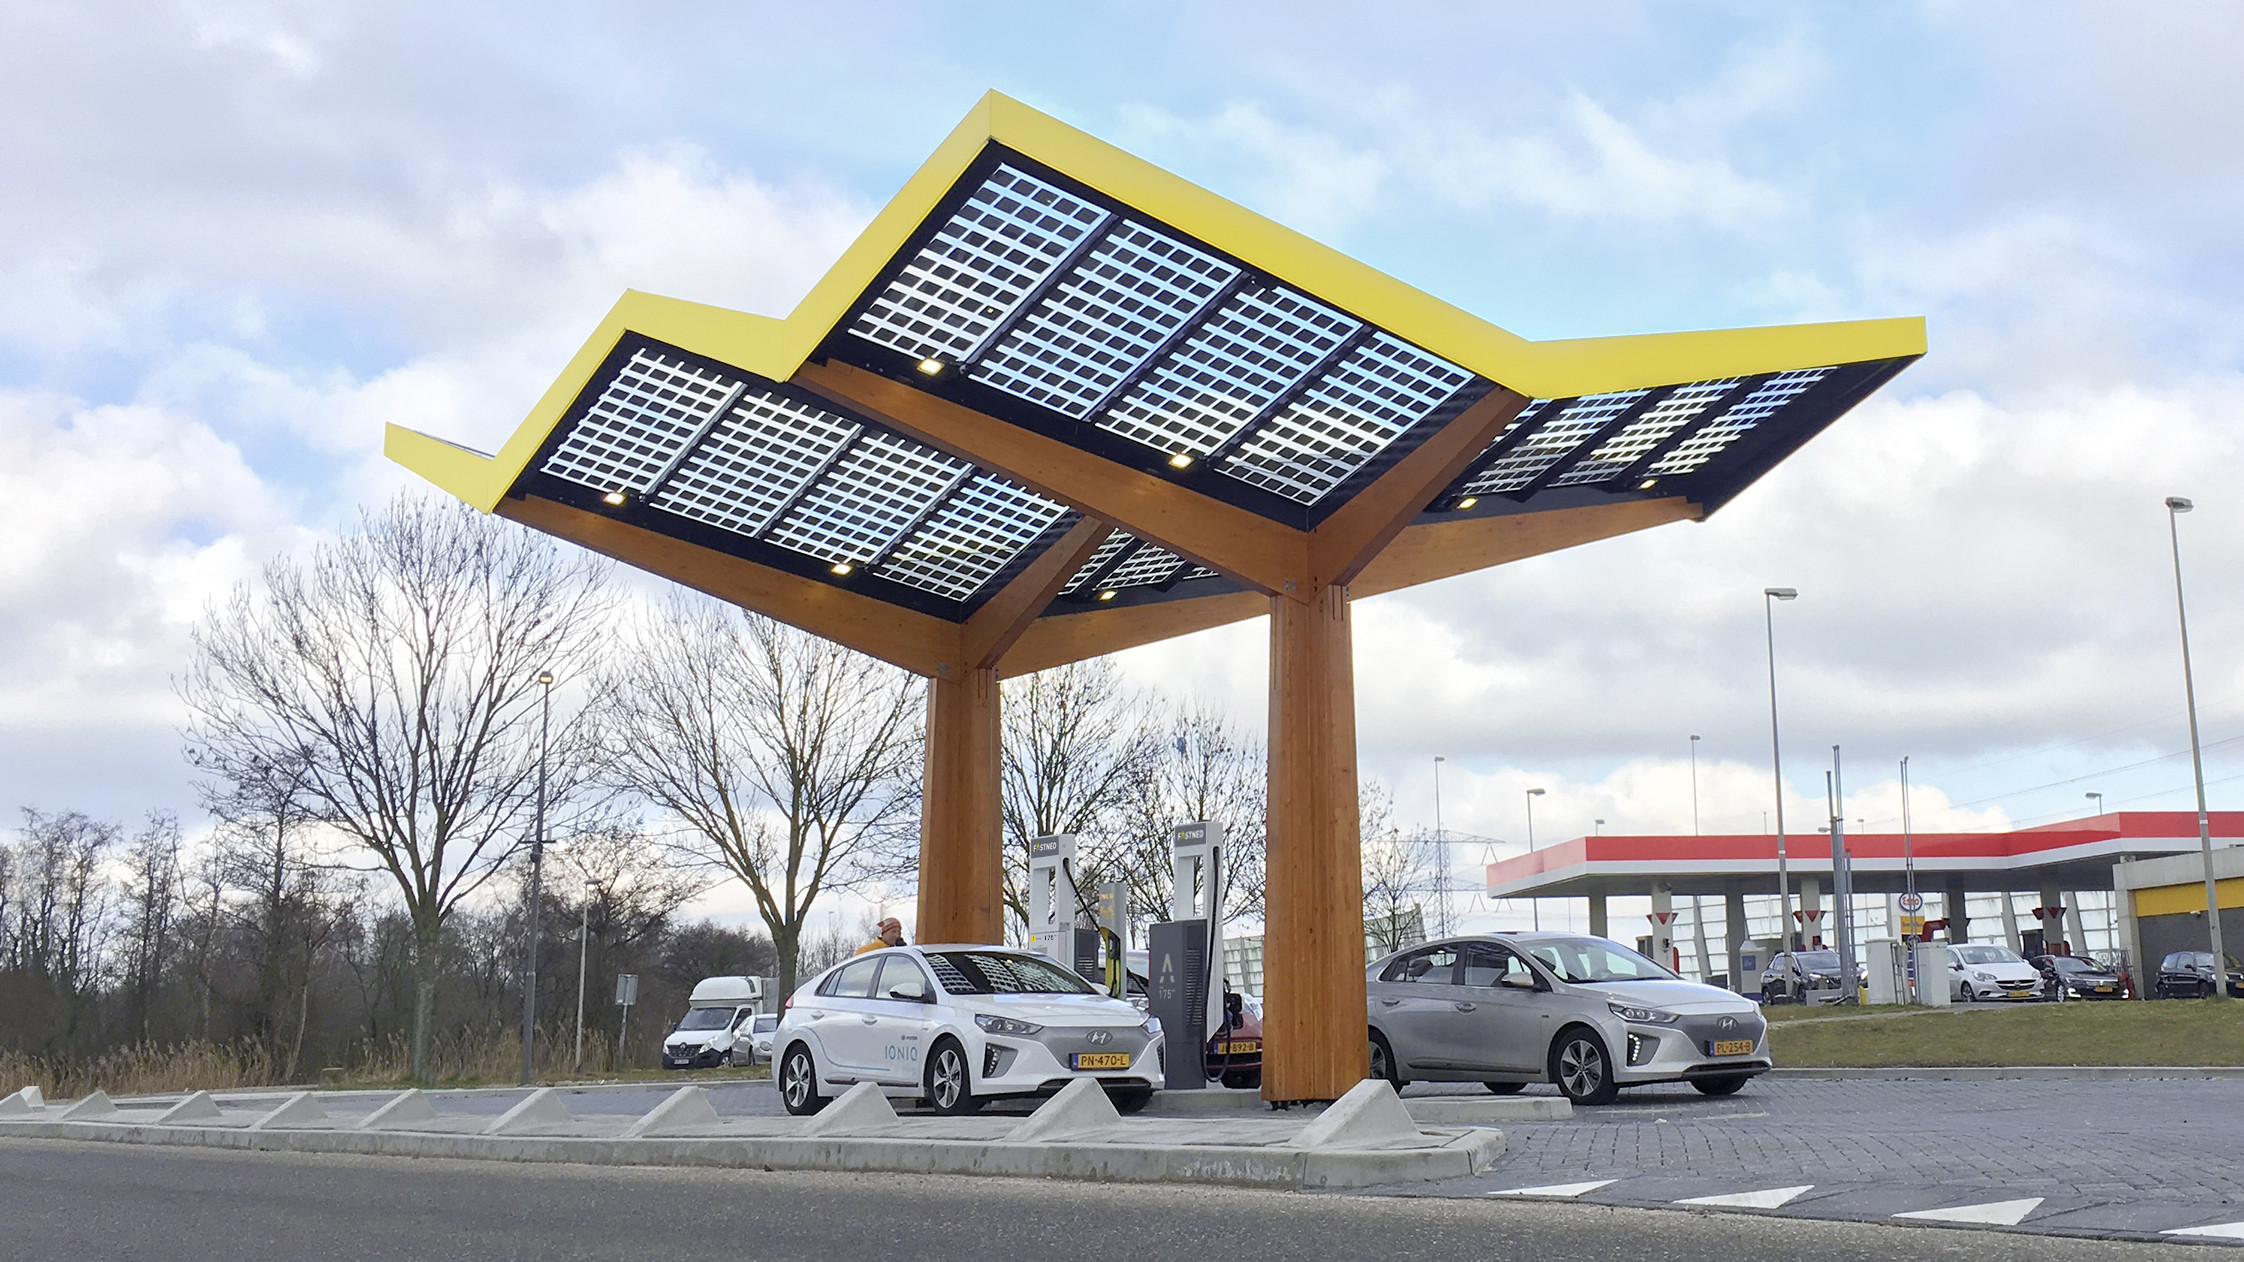 Fastned nimmt erste 350 kW Schnellladesäule in Betrieb